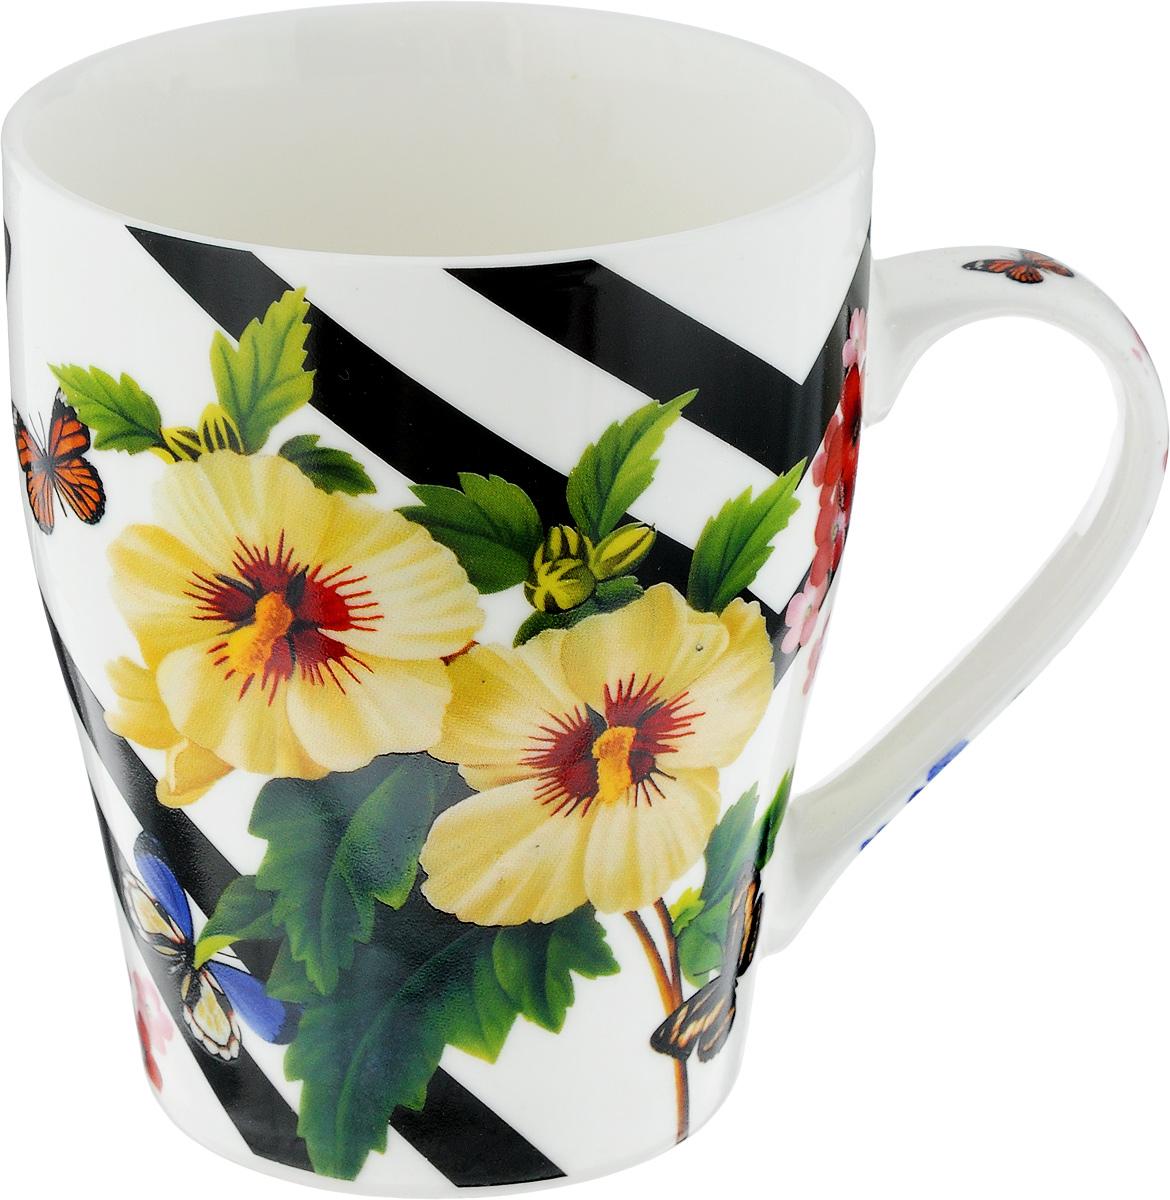 Кружка Loraine Цветы, 340 мл. 2445054 009312Кружка Loraine Цветы изготовлена из прочного качественного костяного фарфора. Изделие оформлено красочным рисунком. Благодаря своим термостатическим свойствам, изделие отлично сохраняет температуру содержимого - морозной зимой кружка будет согревать вас горячим чаем, а знойным летом, напротив, радовать прохладными напитками. Такой аксессуар создаст атмосферу тепла и уюта, настроит на позитивный лад и подарит хорошее настроение с самого утра. Это оригинальное изделие идеально подойдет в подарок близкому человеку. Диаметр (по верхнему краю): 8,3 см.Высота кружки: 10 см. Объем: 340 мл.